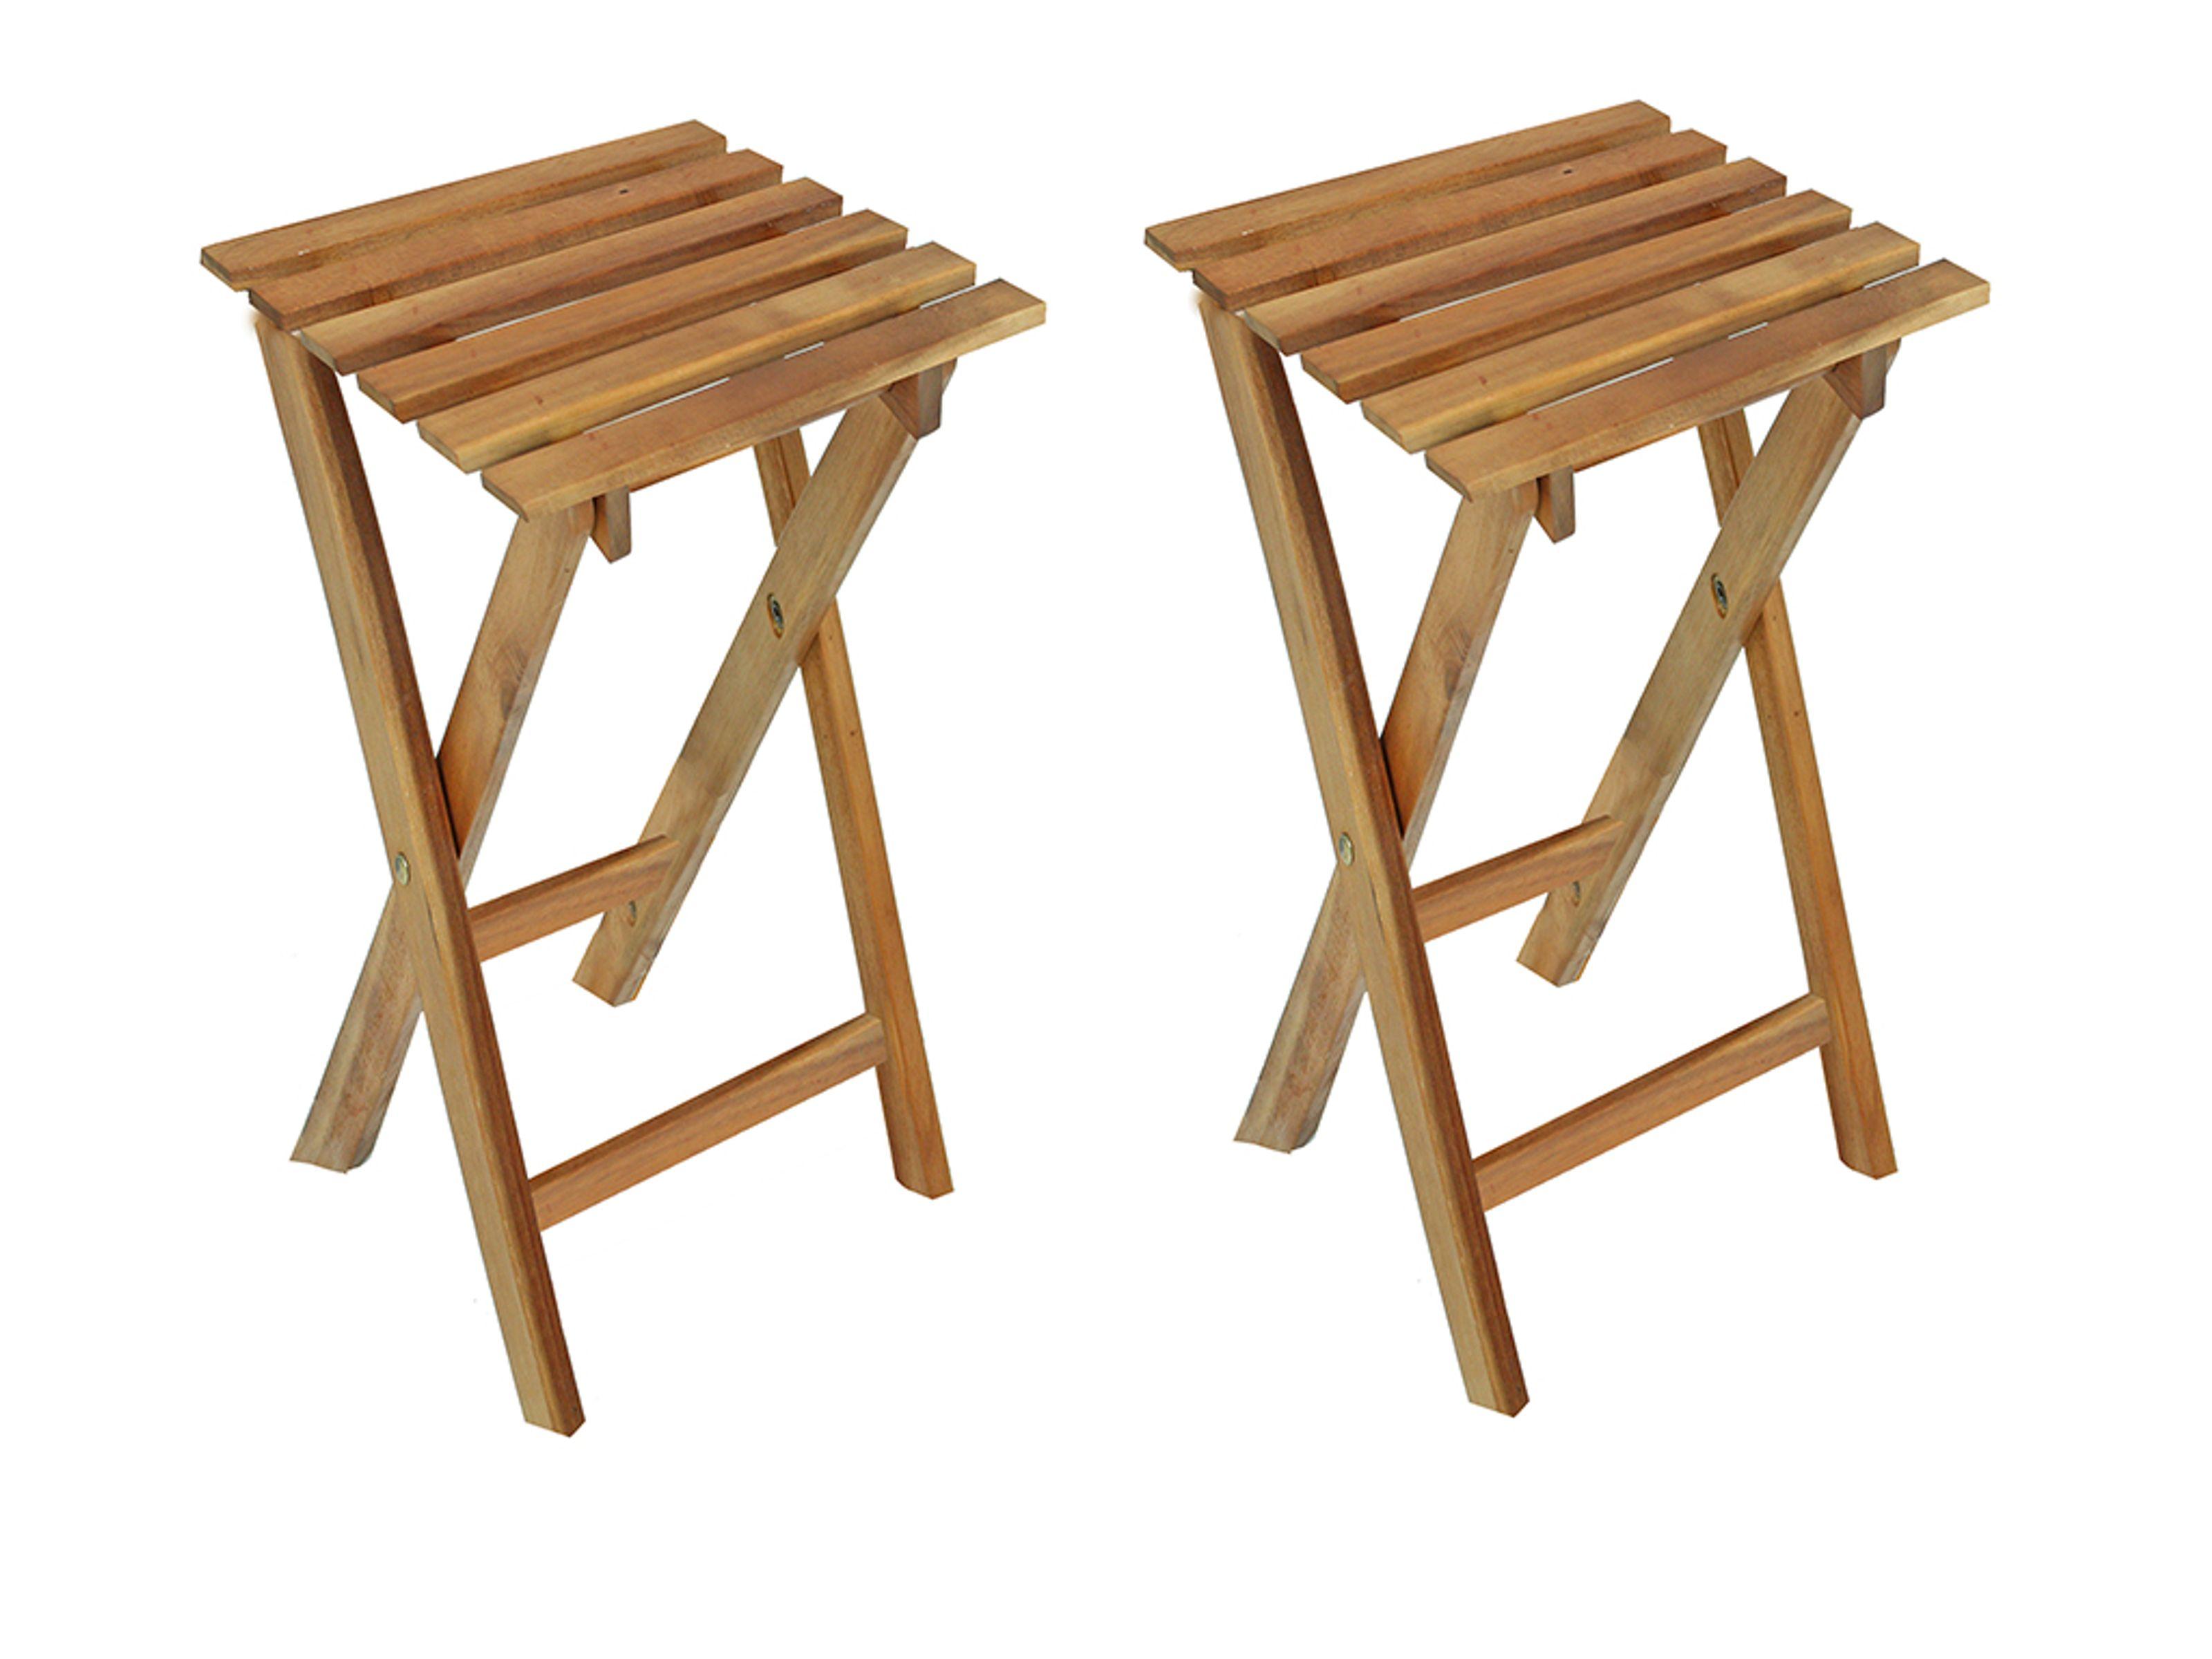 2er Set Hocker Klapphocker Holzhocker Thekenhocker Barhocker Klappbar Eukalyptus Haushaltswaren Mobel Und Freizeitartikel Gunstig Kaufen Auf Gravidus De